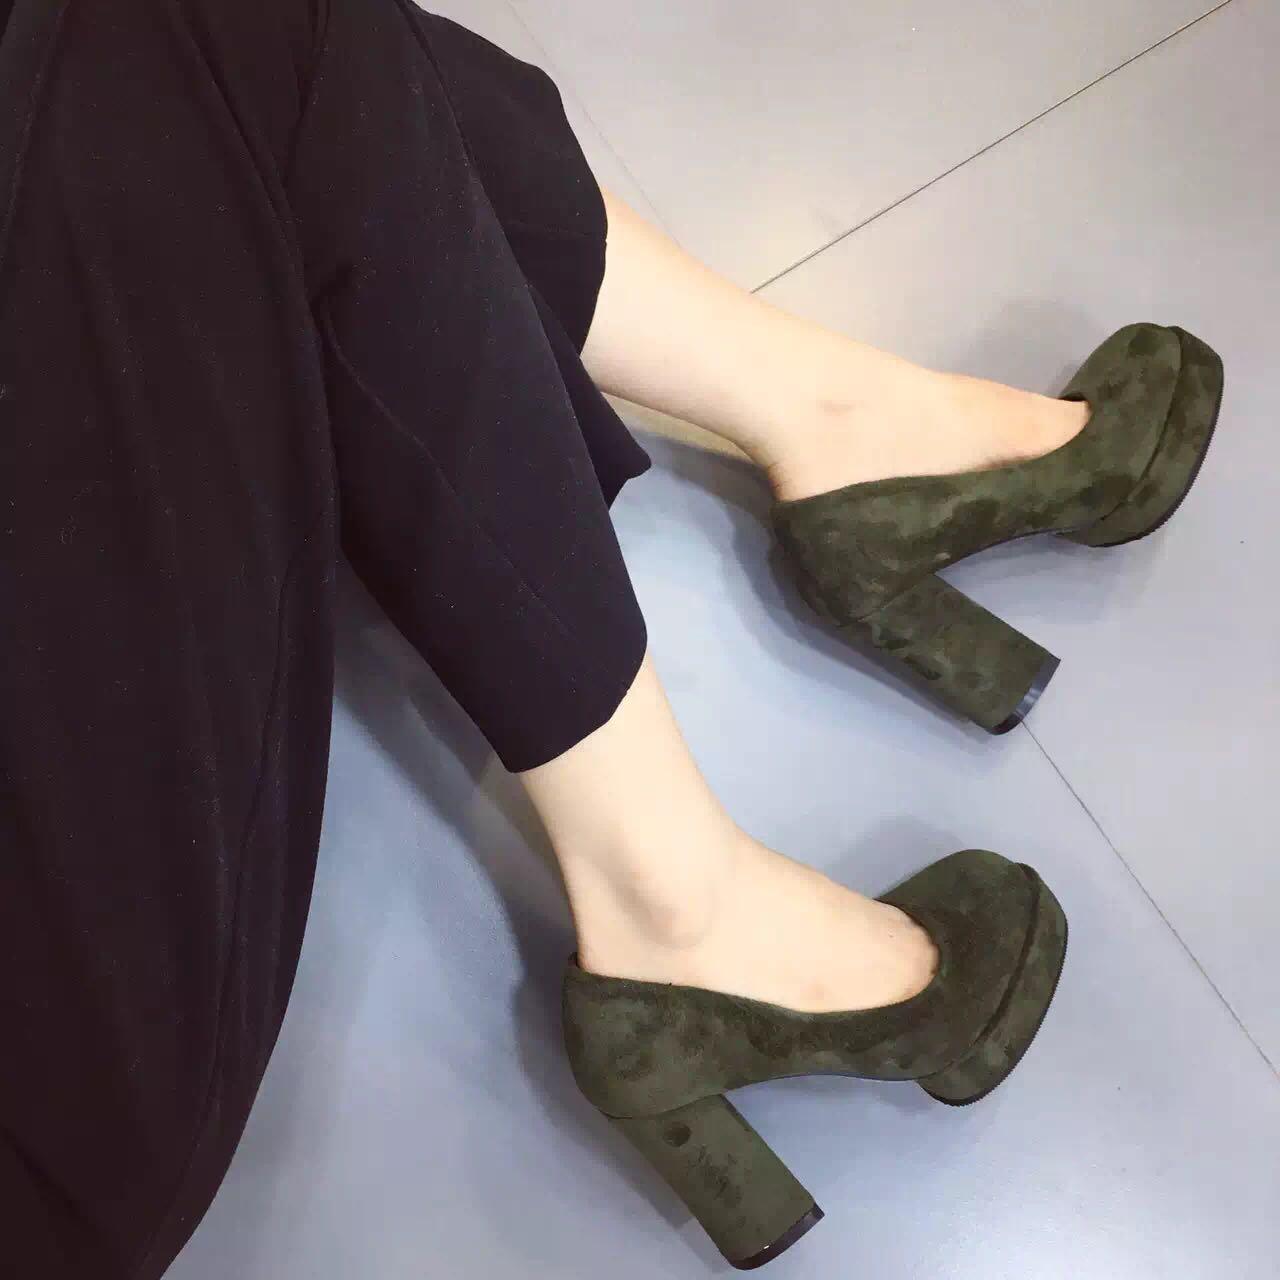 绿色单鞋 欧洲站2016夏新款套脚粗跟单鞋女圆头浅口性感绿色高跟鞋绒面瓢鞋_推荐淘宝好看的绿色单鞋